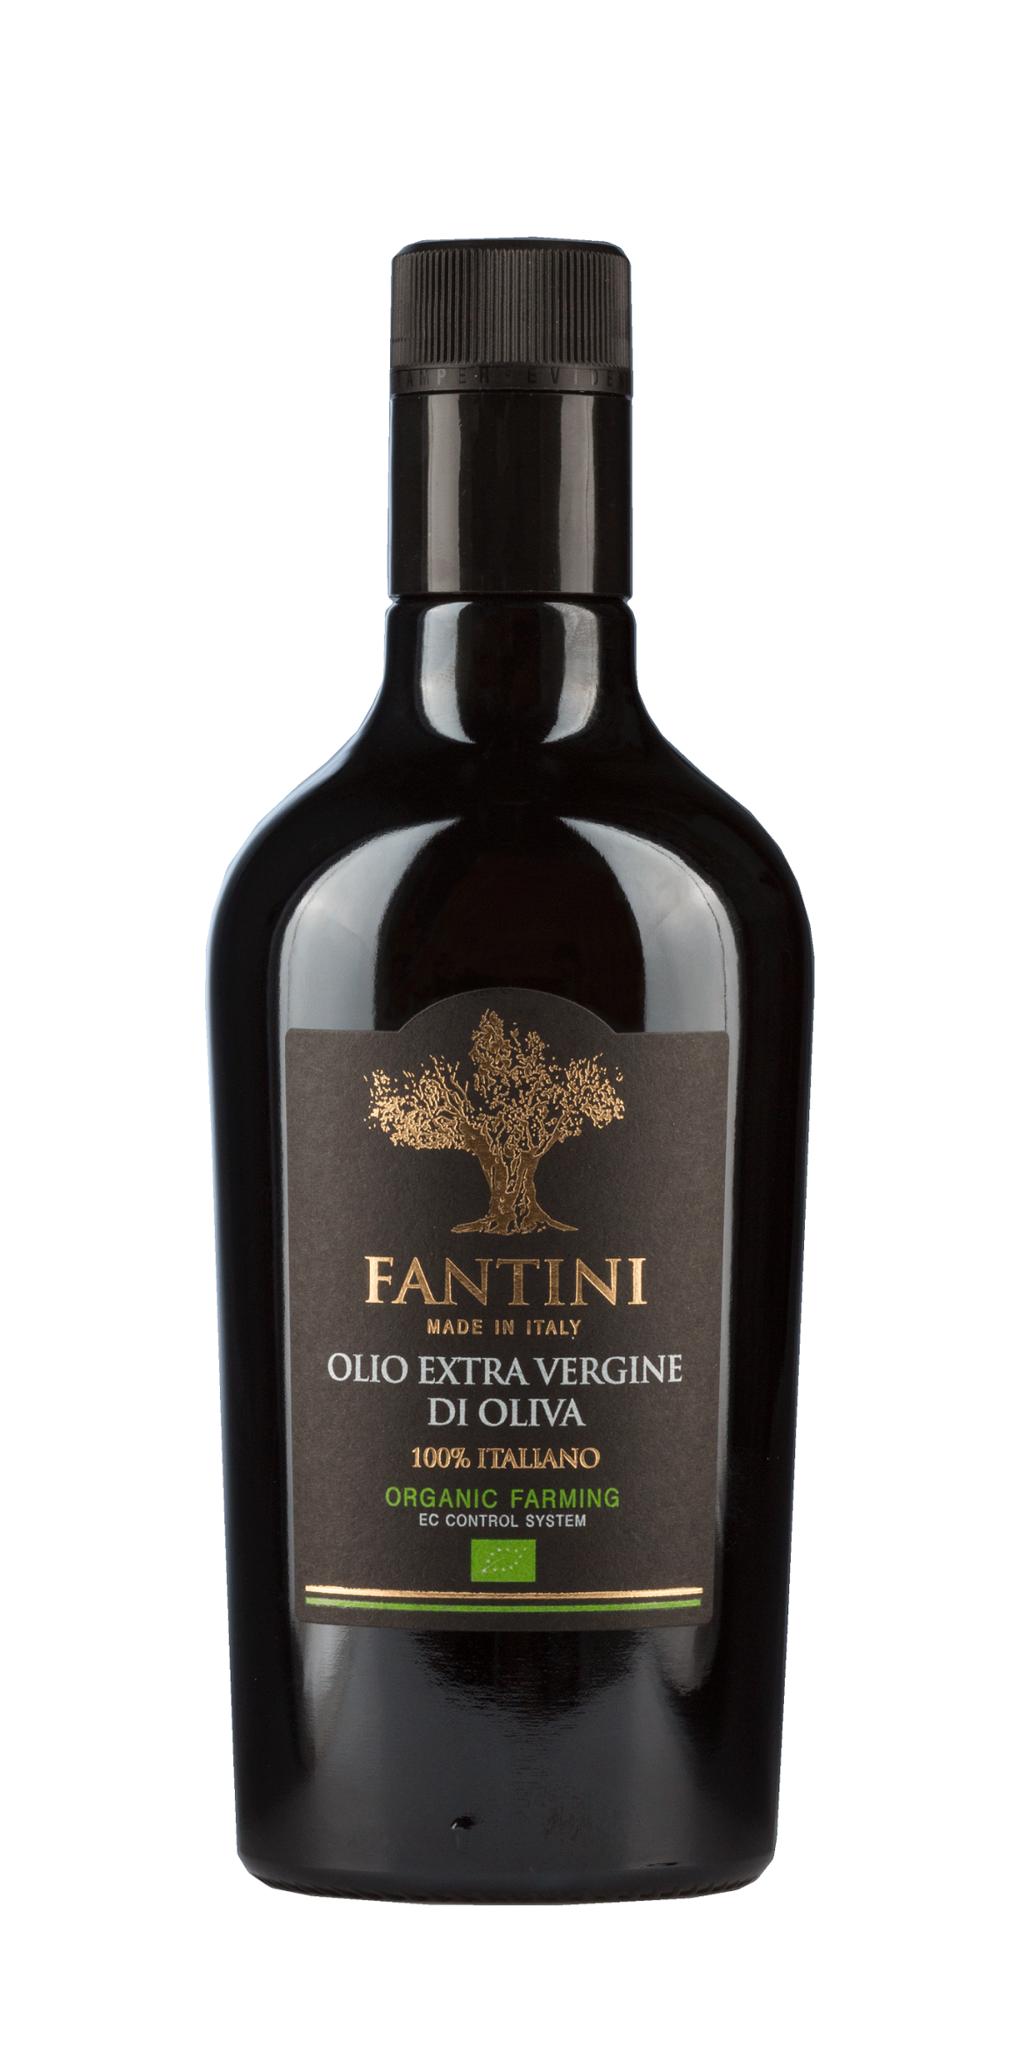 Farnese, Mittel- & Süditalien Olio extra vergine Olivenöl, Fantini 0,5L